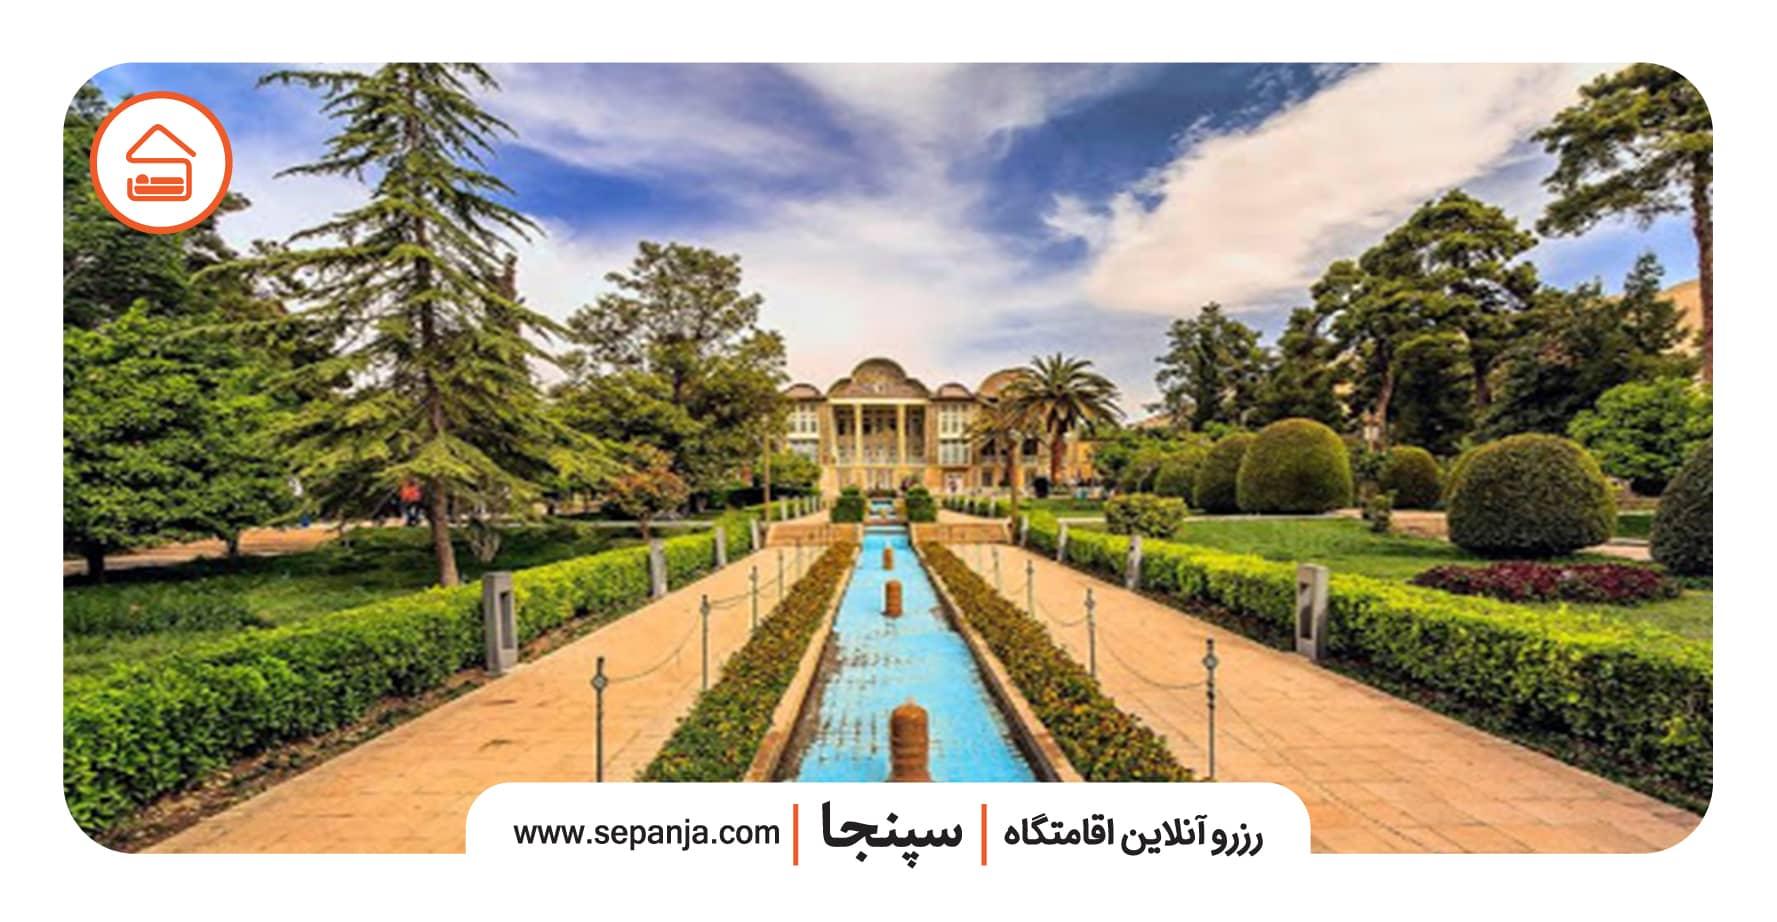 باغ ارم بهشتی شیراز از بهترین جاهای دیدنی شیراز